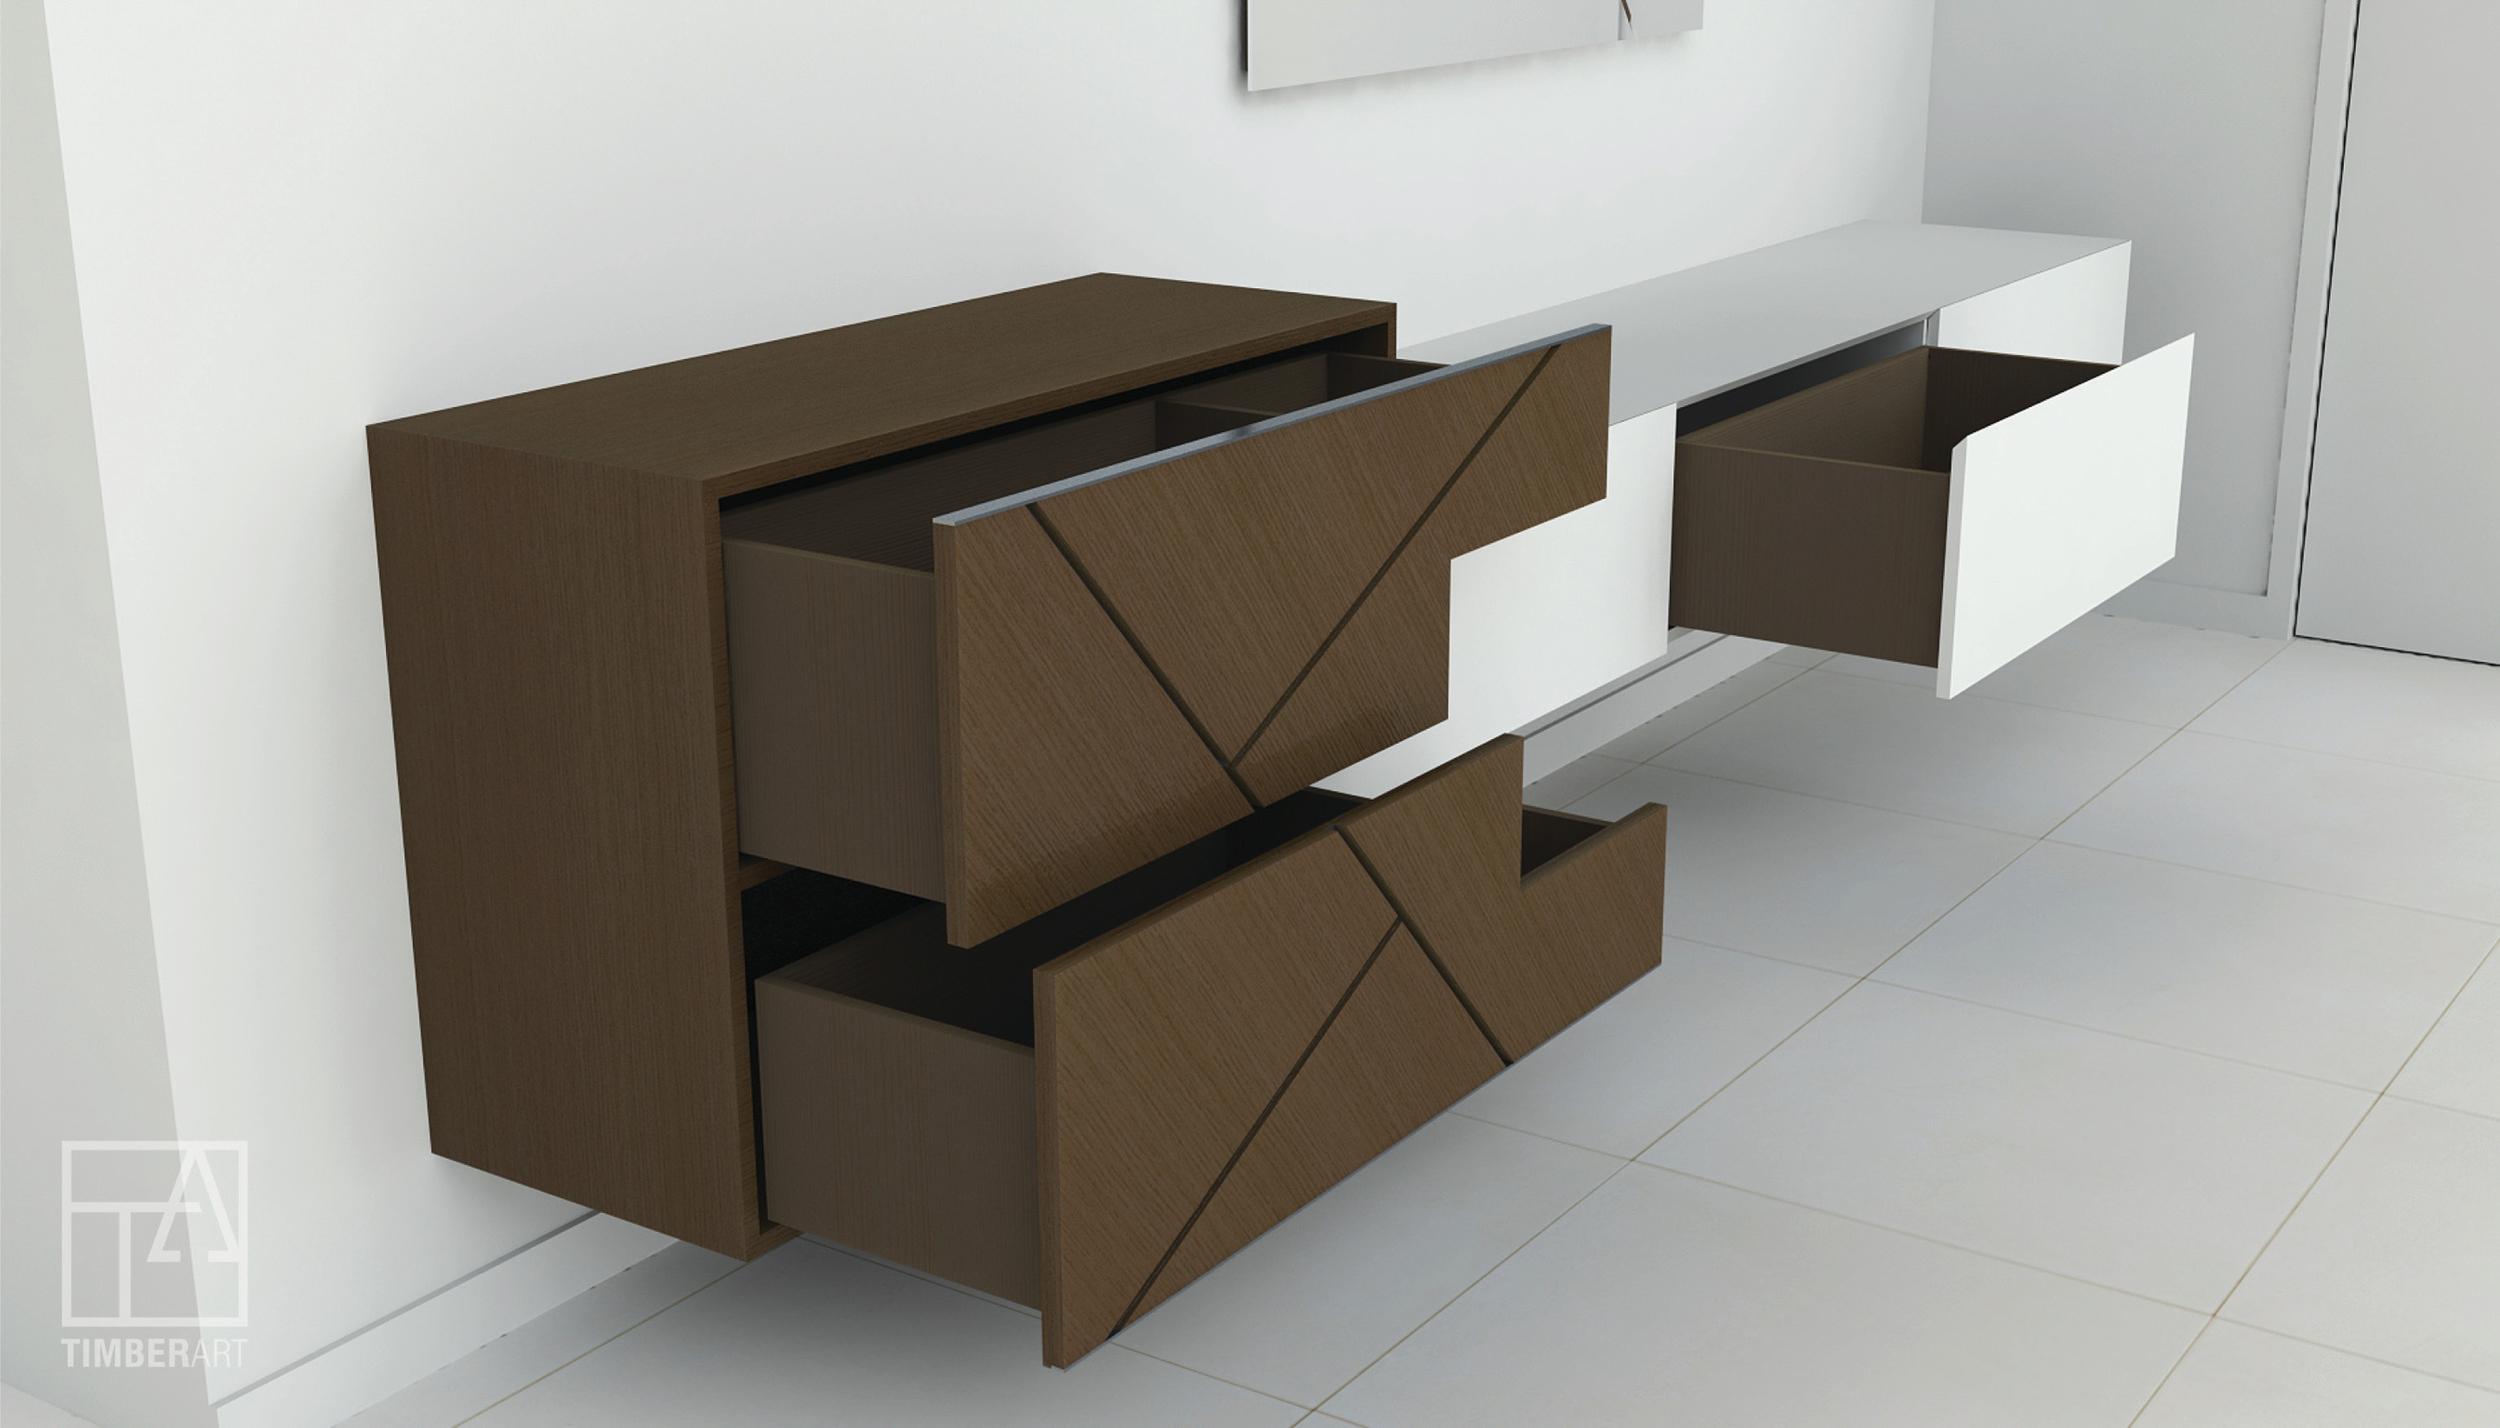 Timberart Bespoke Designer Furniture